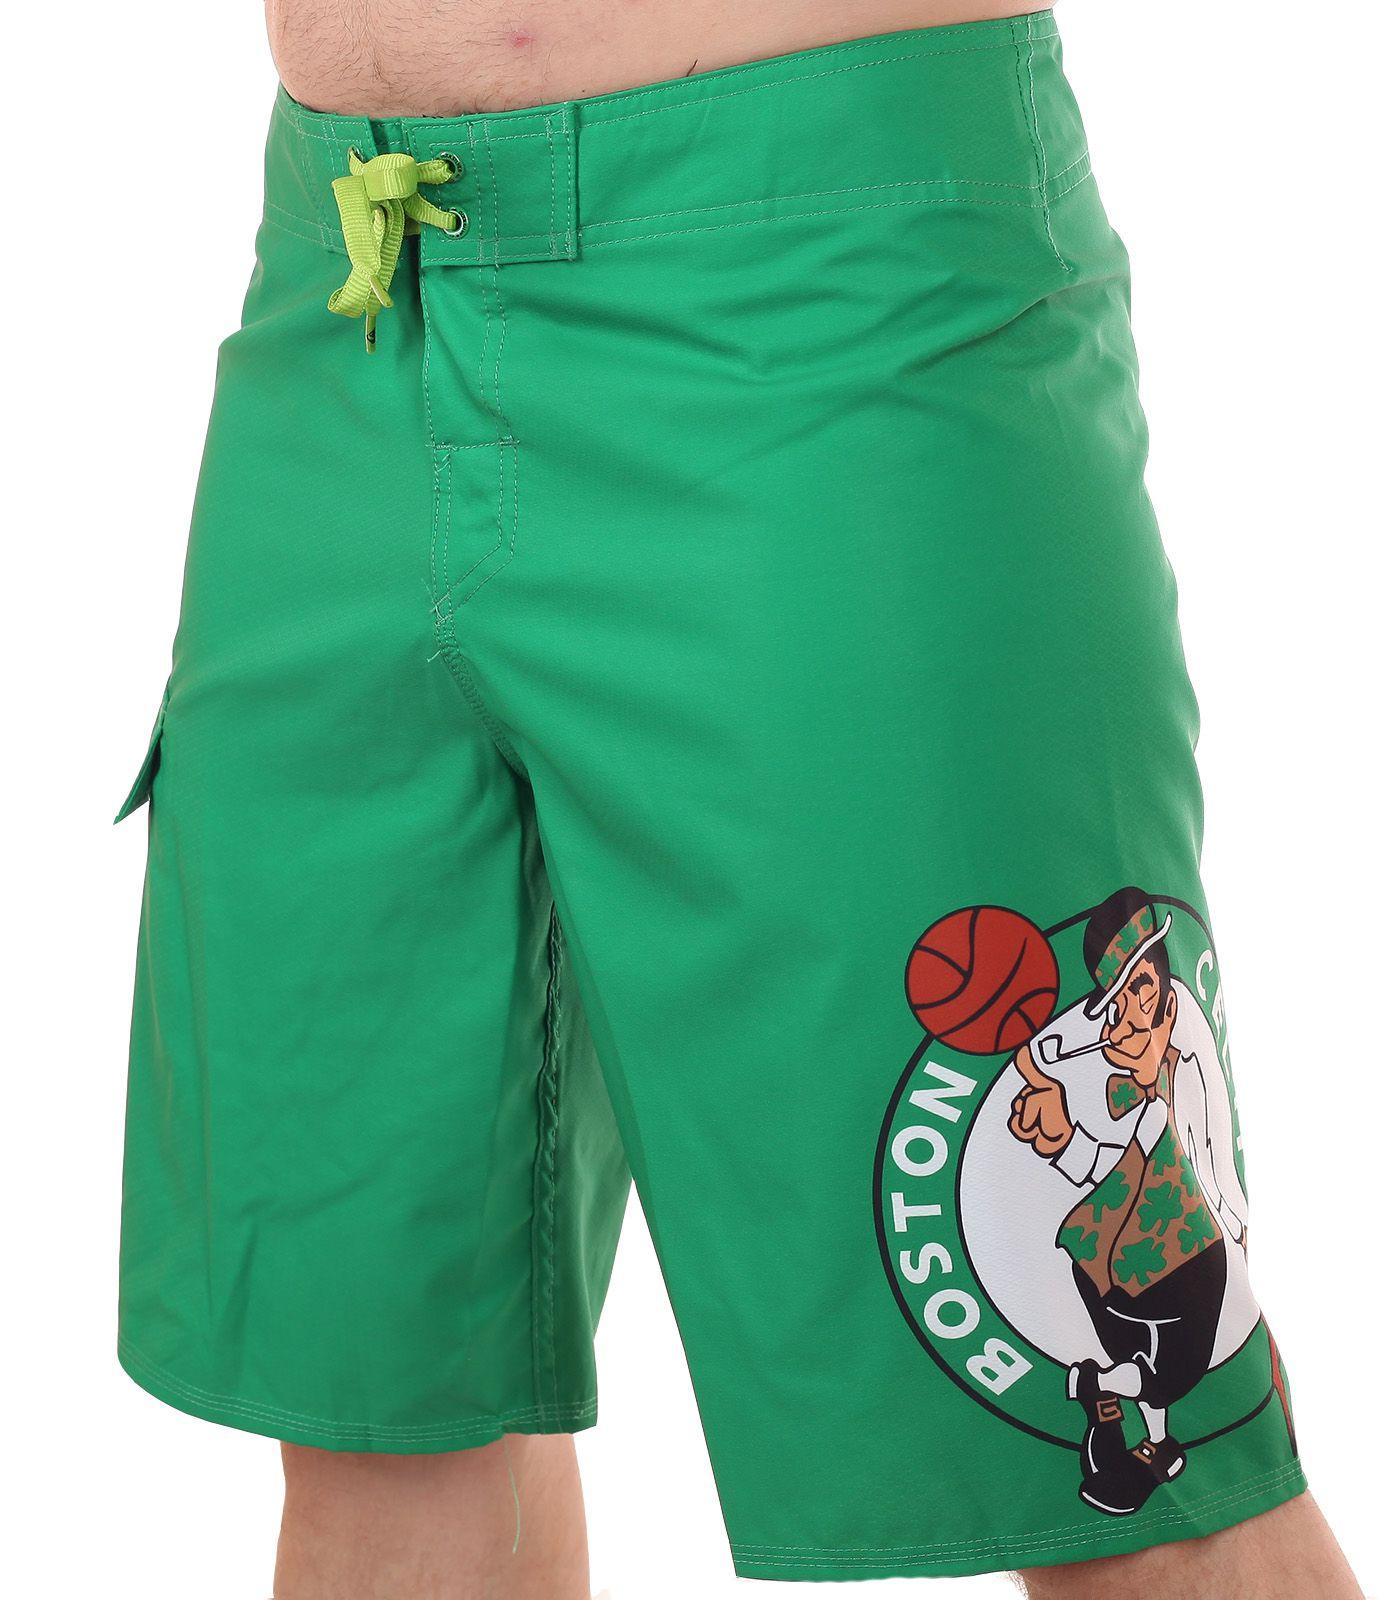 Стрейчевые водоотталкивающие бордшорты с логотипом баскетбольного клуба НБА Boston Celtics